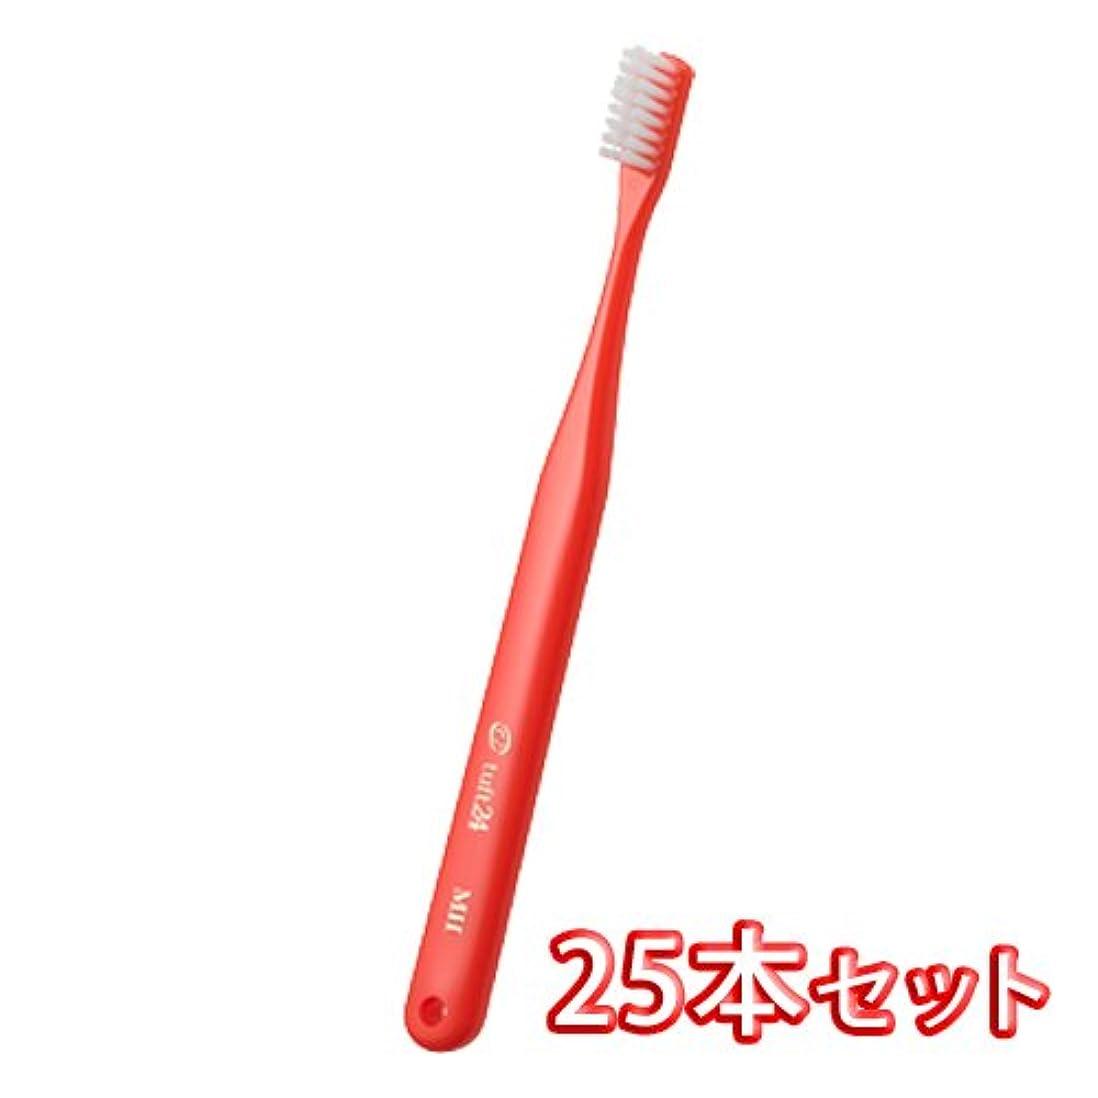 集まる反応するピストンオーラルケア キャップ付き タフト 24 歯ブラシ 25本入 ミディアムソフト MS (レッド)